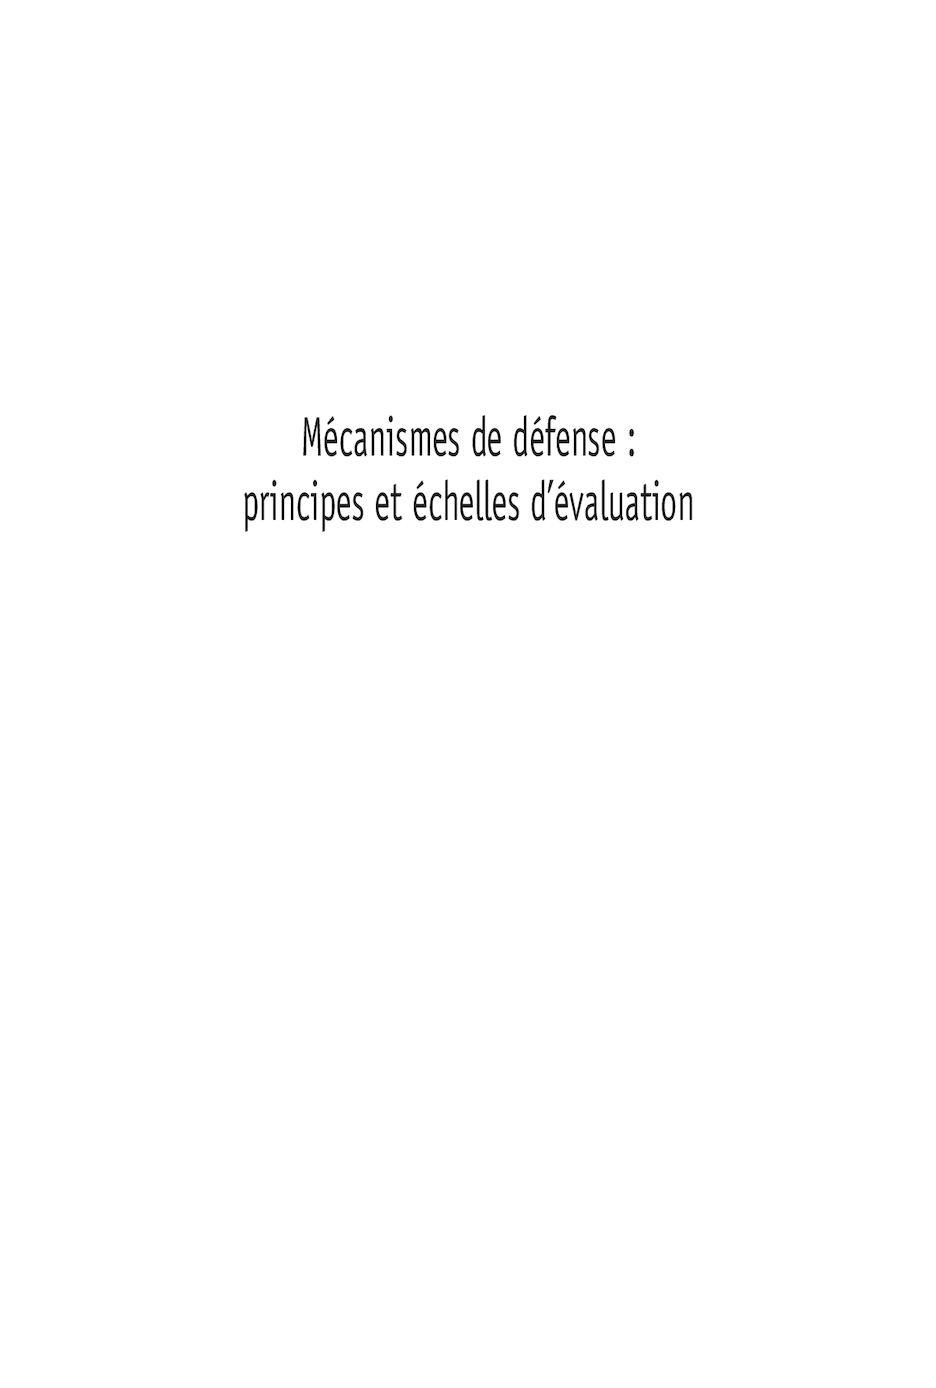 Les 7 Niveaux De Mecanismes De Defense : niveaux, mecanismes, defense, Calaméo, Mécanismes, Défense